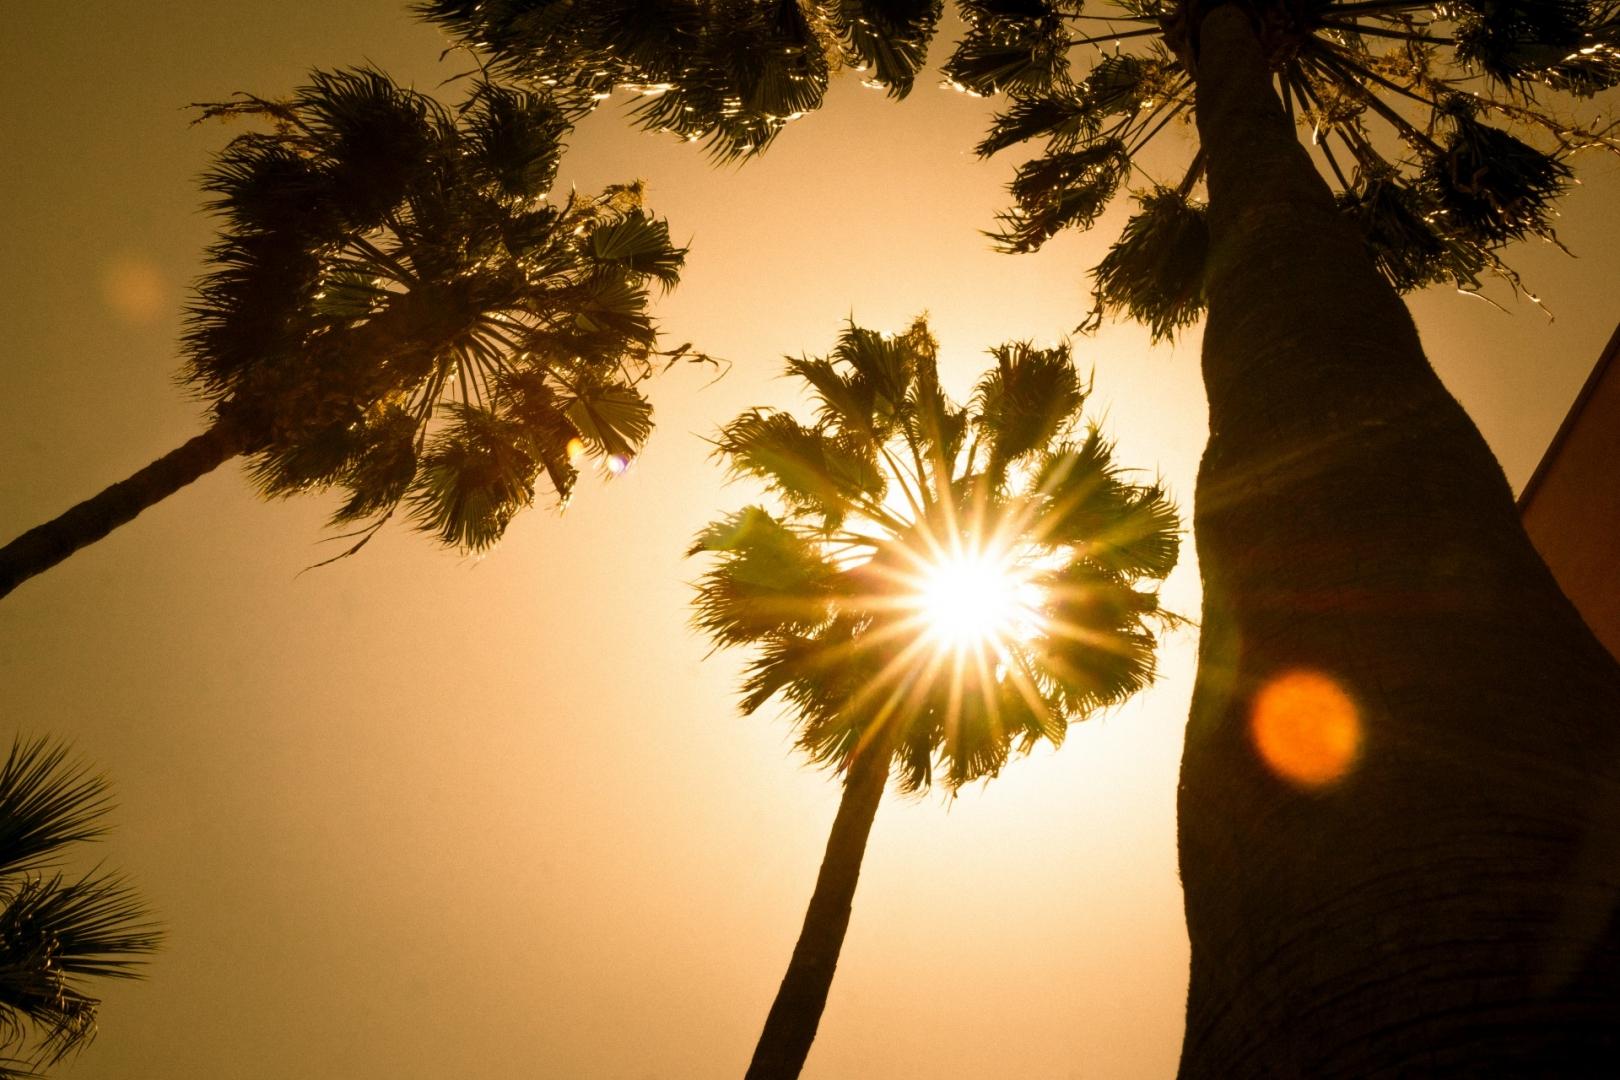 картинка пальмы и солнца милей изображен щите